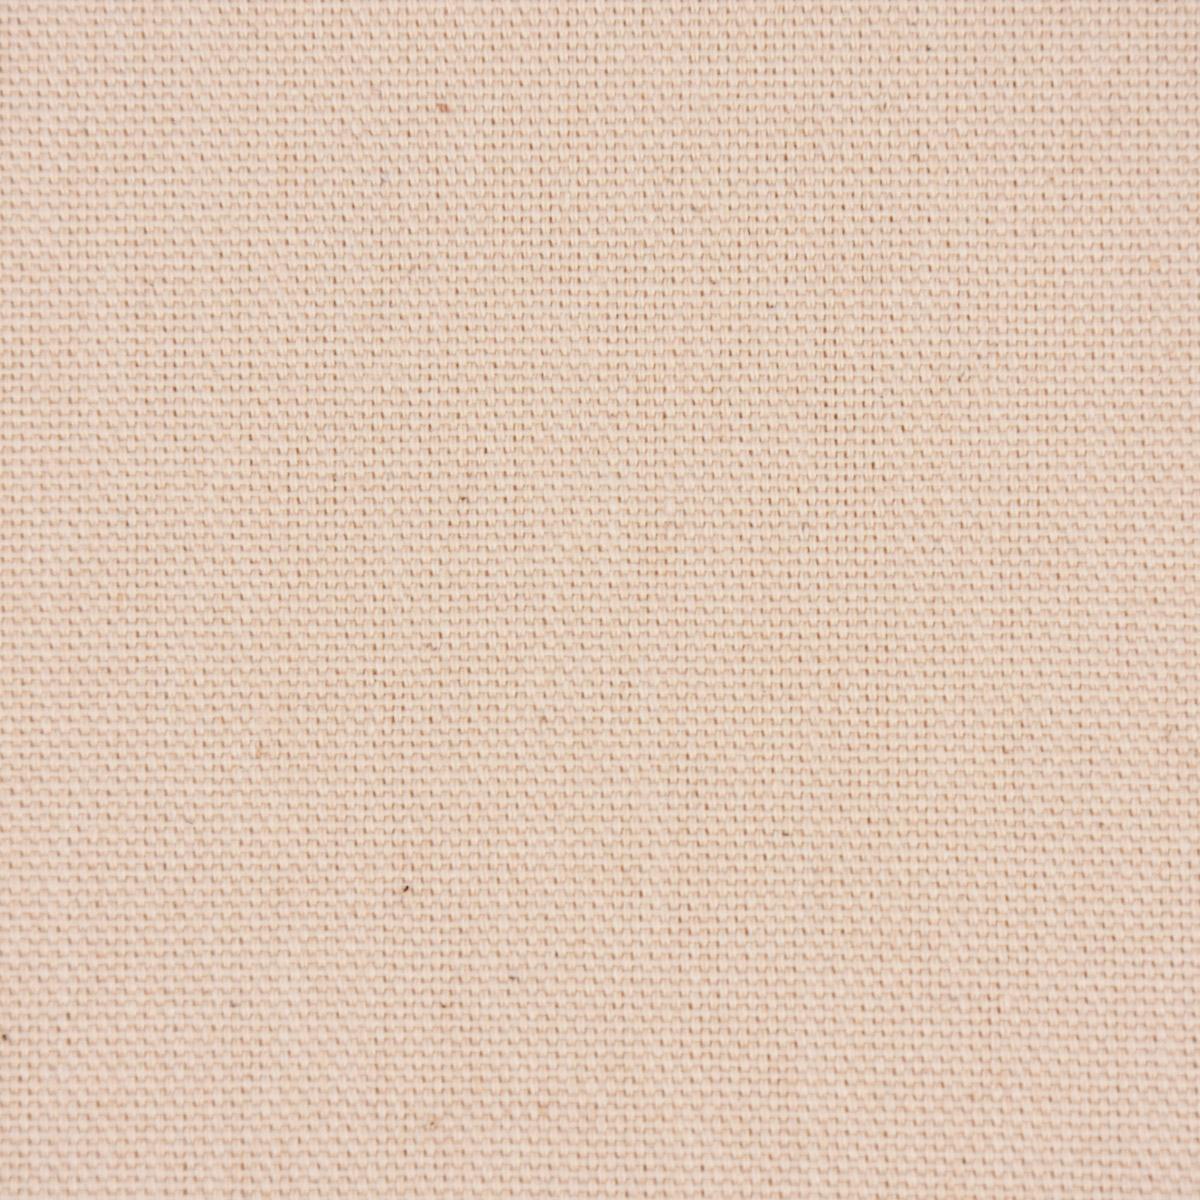 Baumwollstoff Dekostoff Canvas Teflon Tischwäschestoff uni beige 2,8m Breite